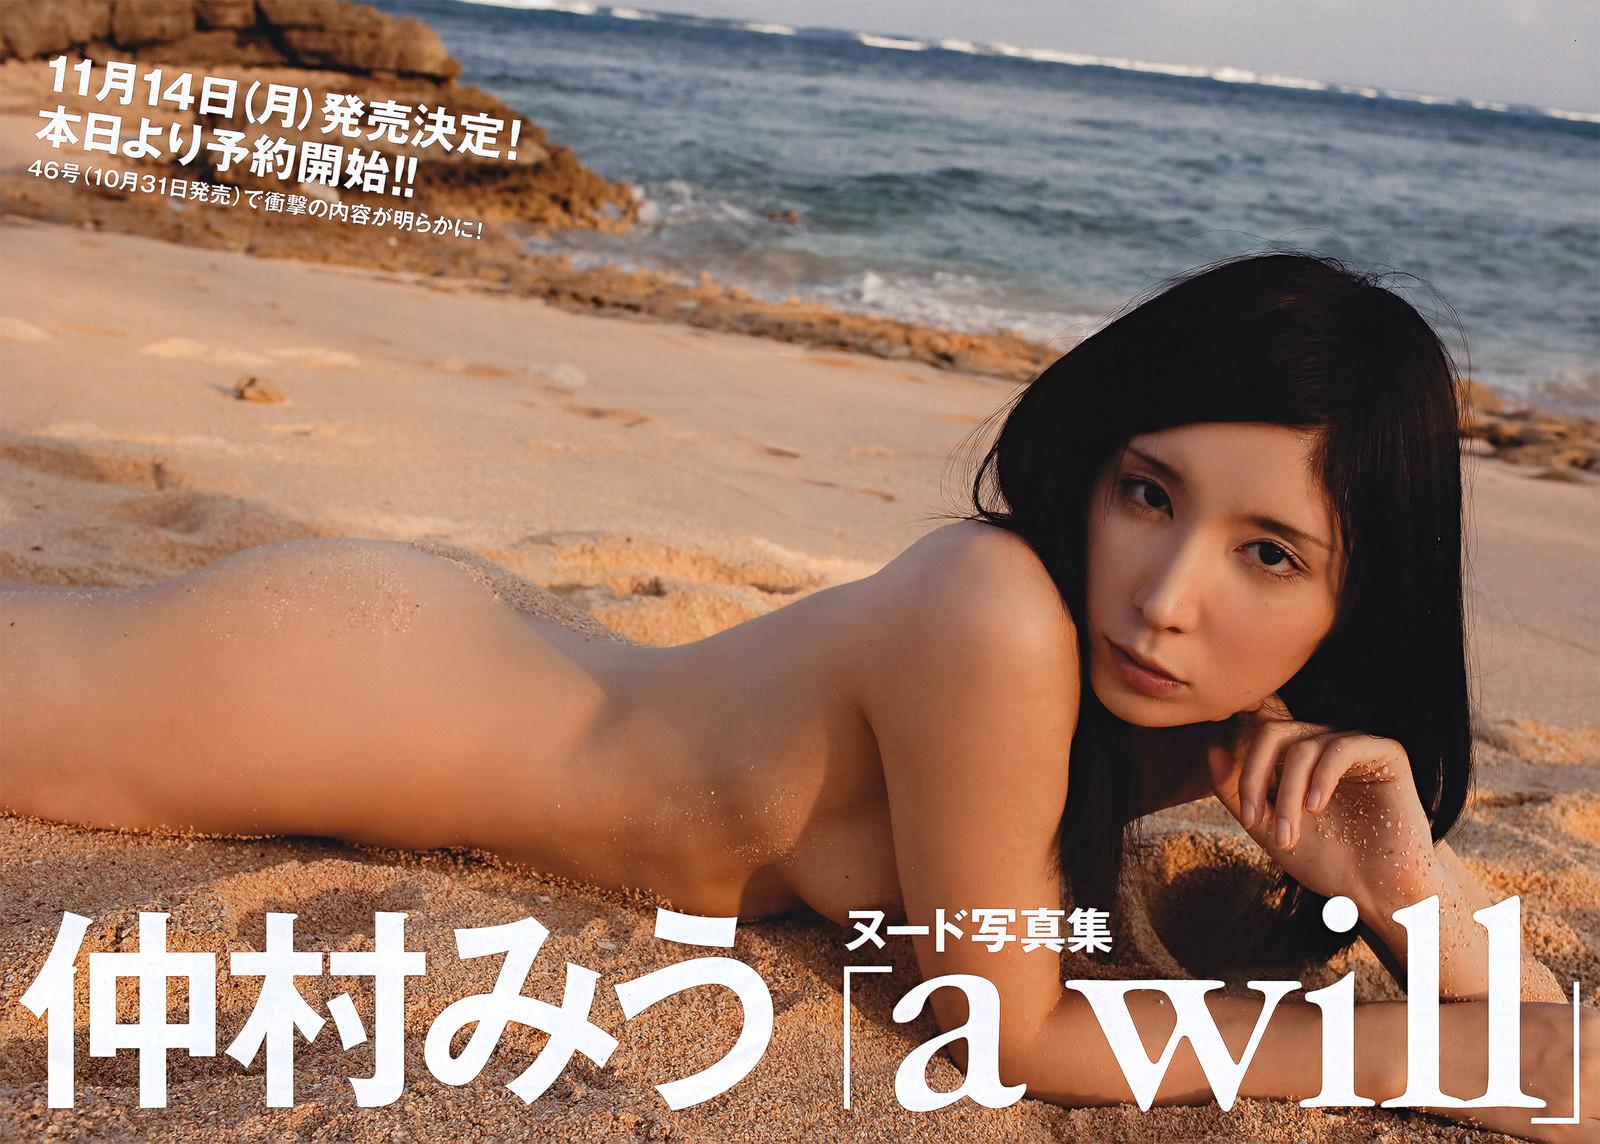 仲村某優 a will.jpg